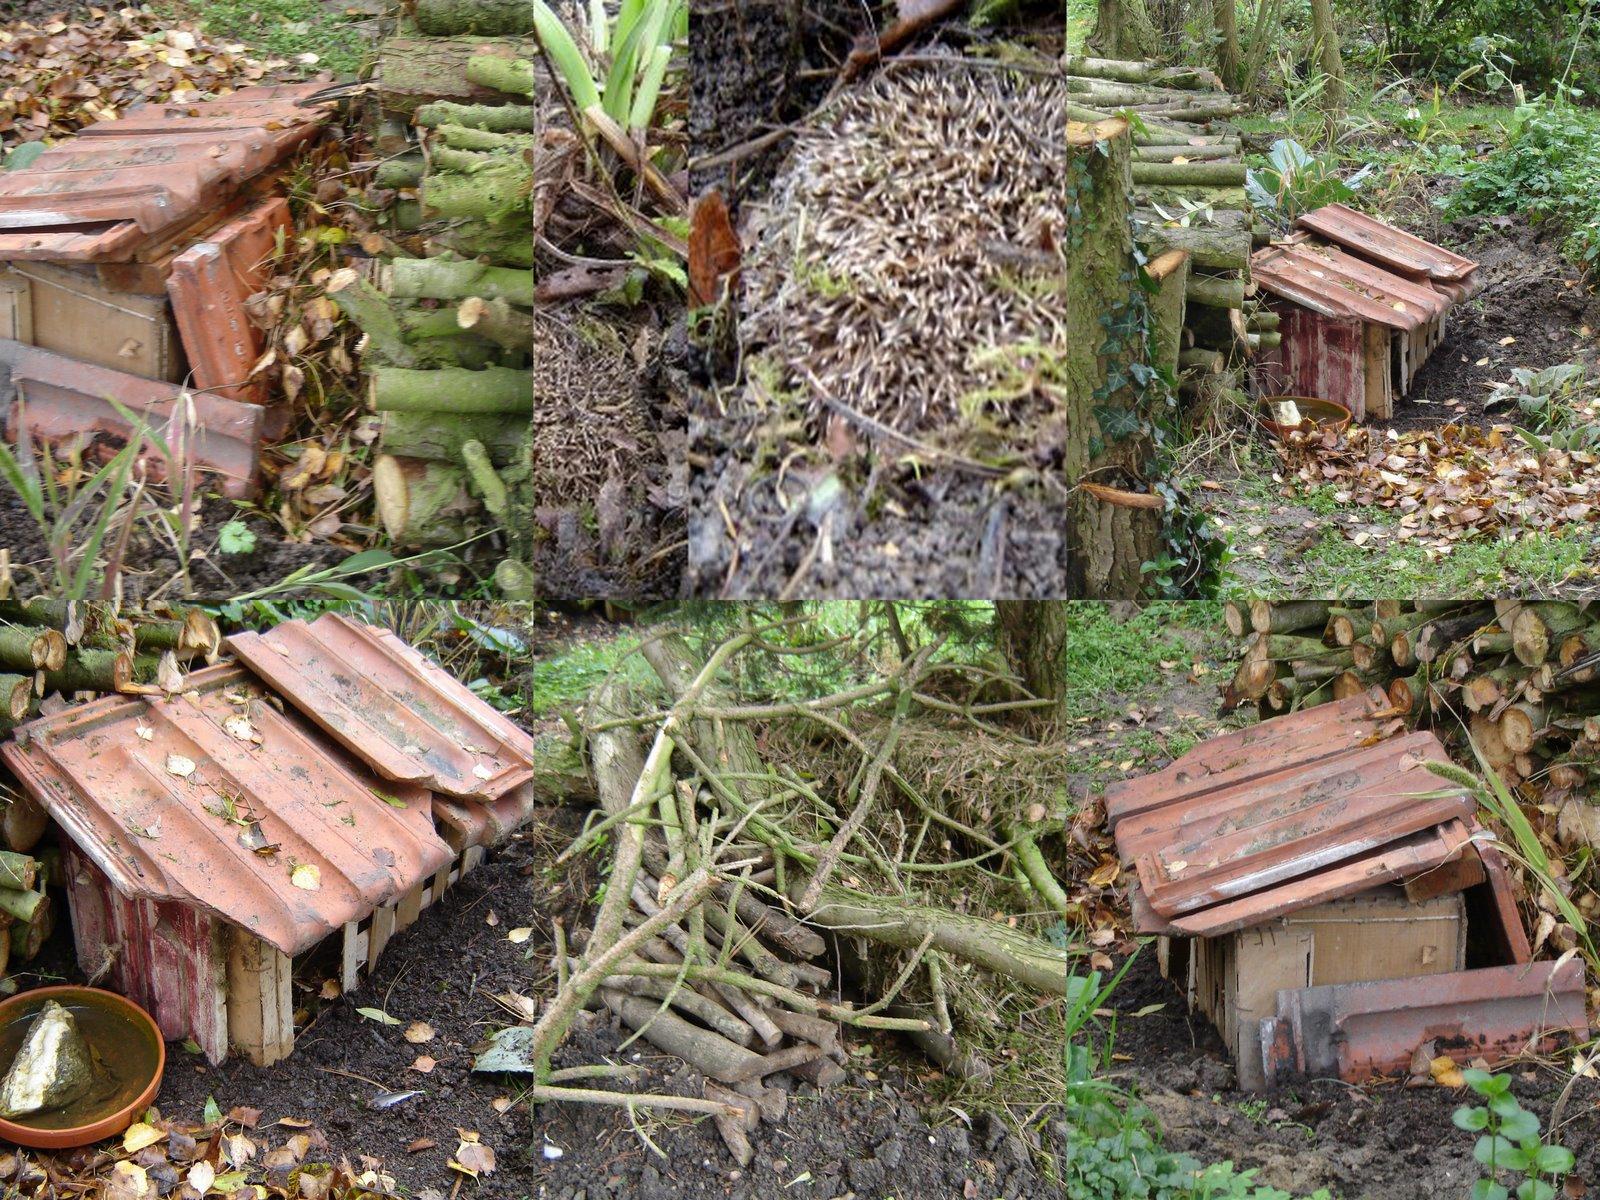 Jardin de la sauvagine un petit coin sauvage pour les h rissons la sauvagine - Cabane herisson jardin reims ...